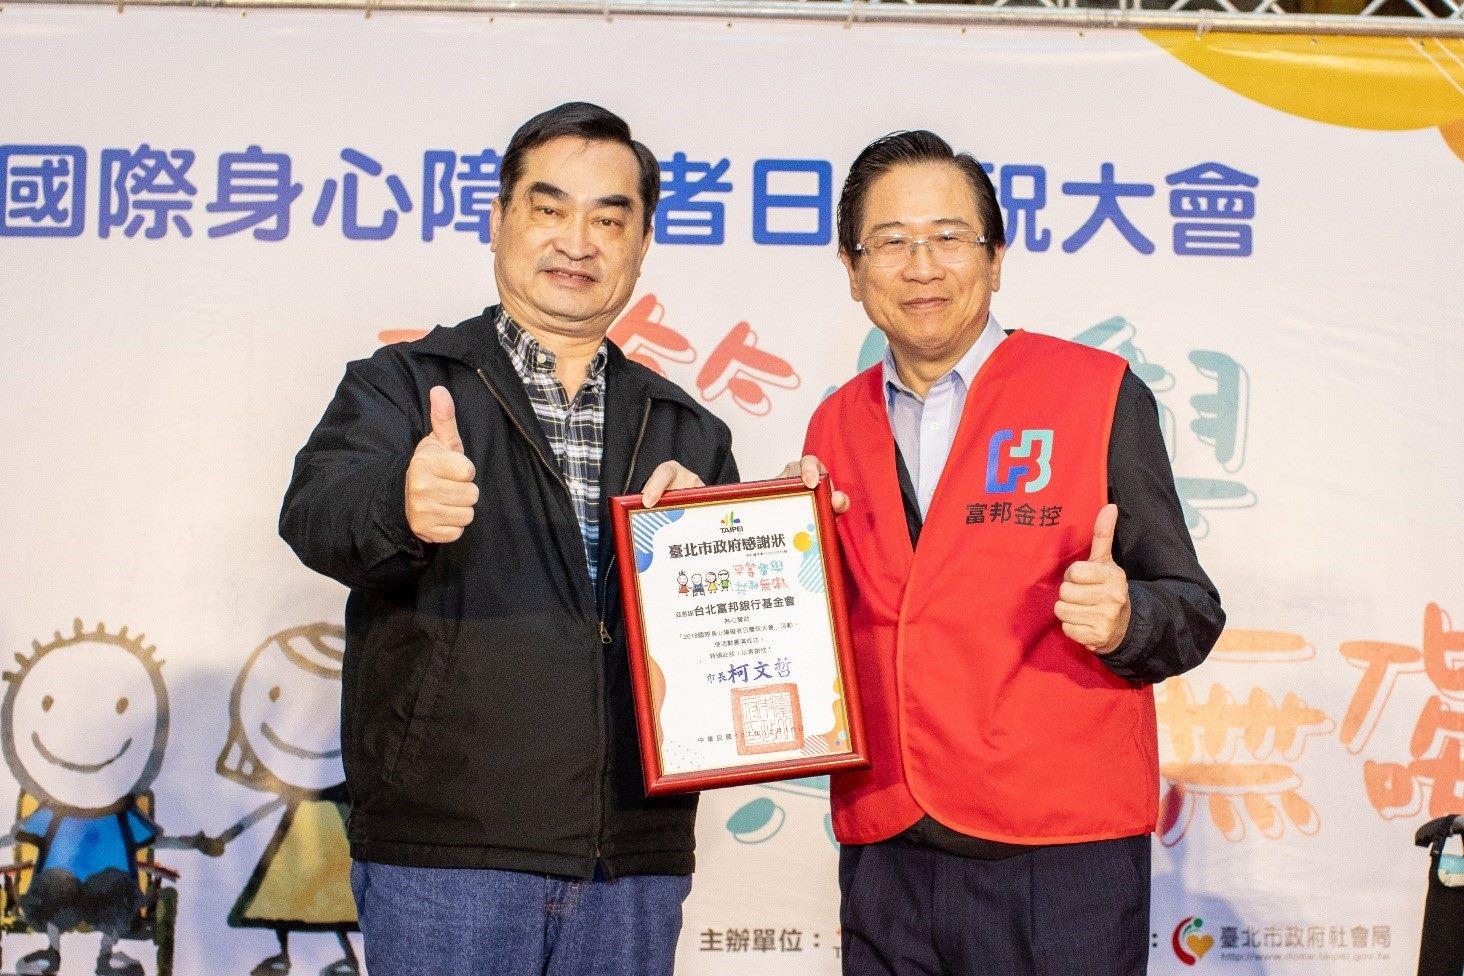 臺北市政府鄧家基副市長致贈感謝狀予台北富邦銀行基金會翟小璧總幹事